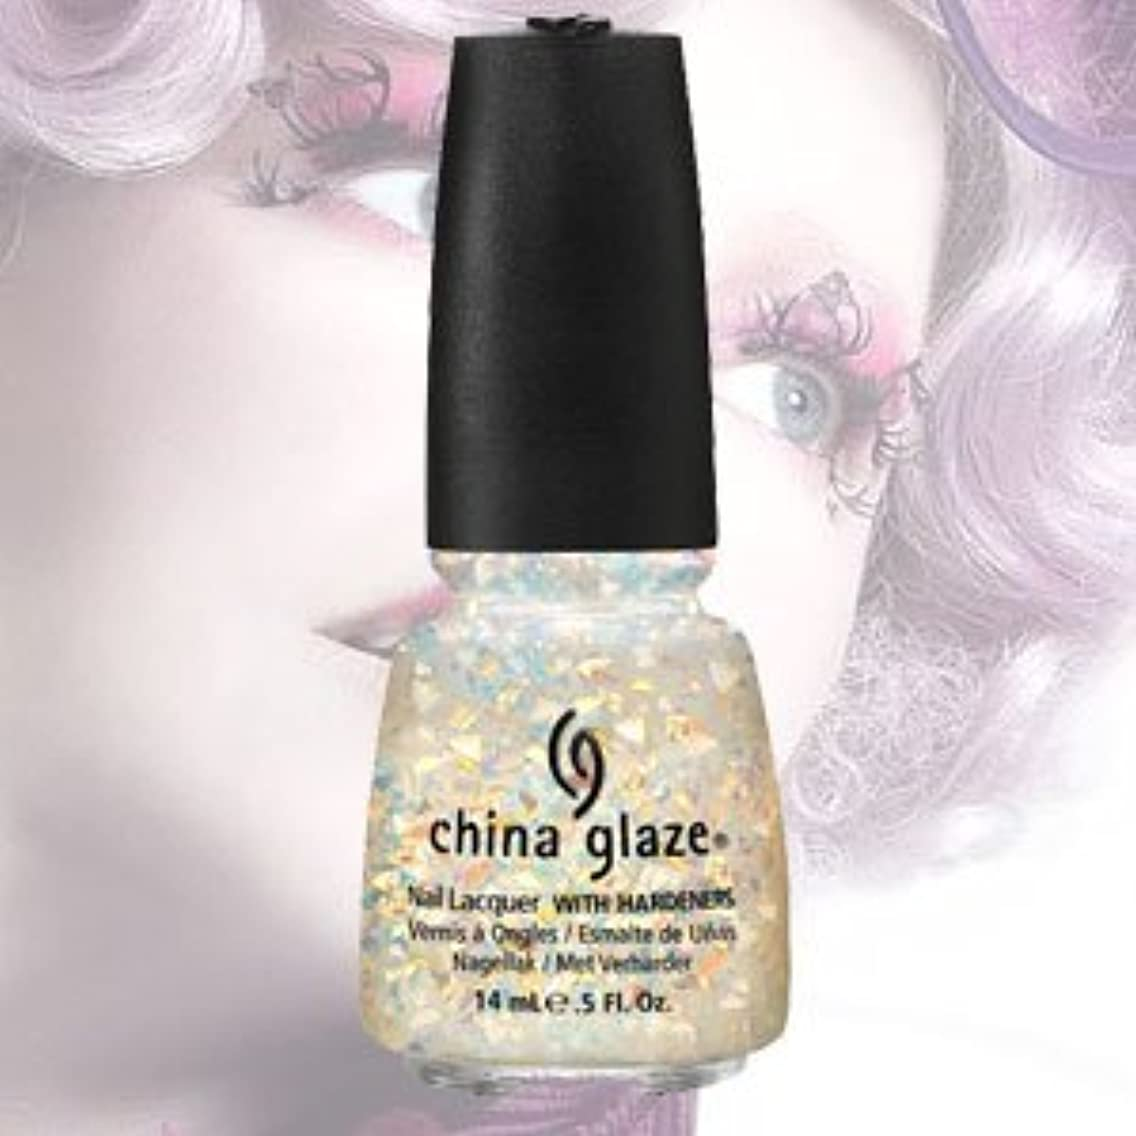 札入れトラップ生産性(チャイナグレイズ)China Glaze Luxe and LushーCAPITOL COLOURS コレクション [海外直送品][並行輸入品]